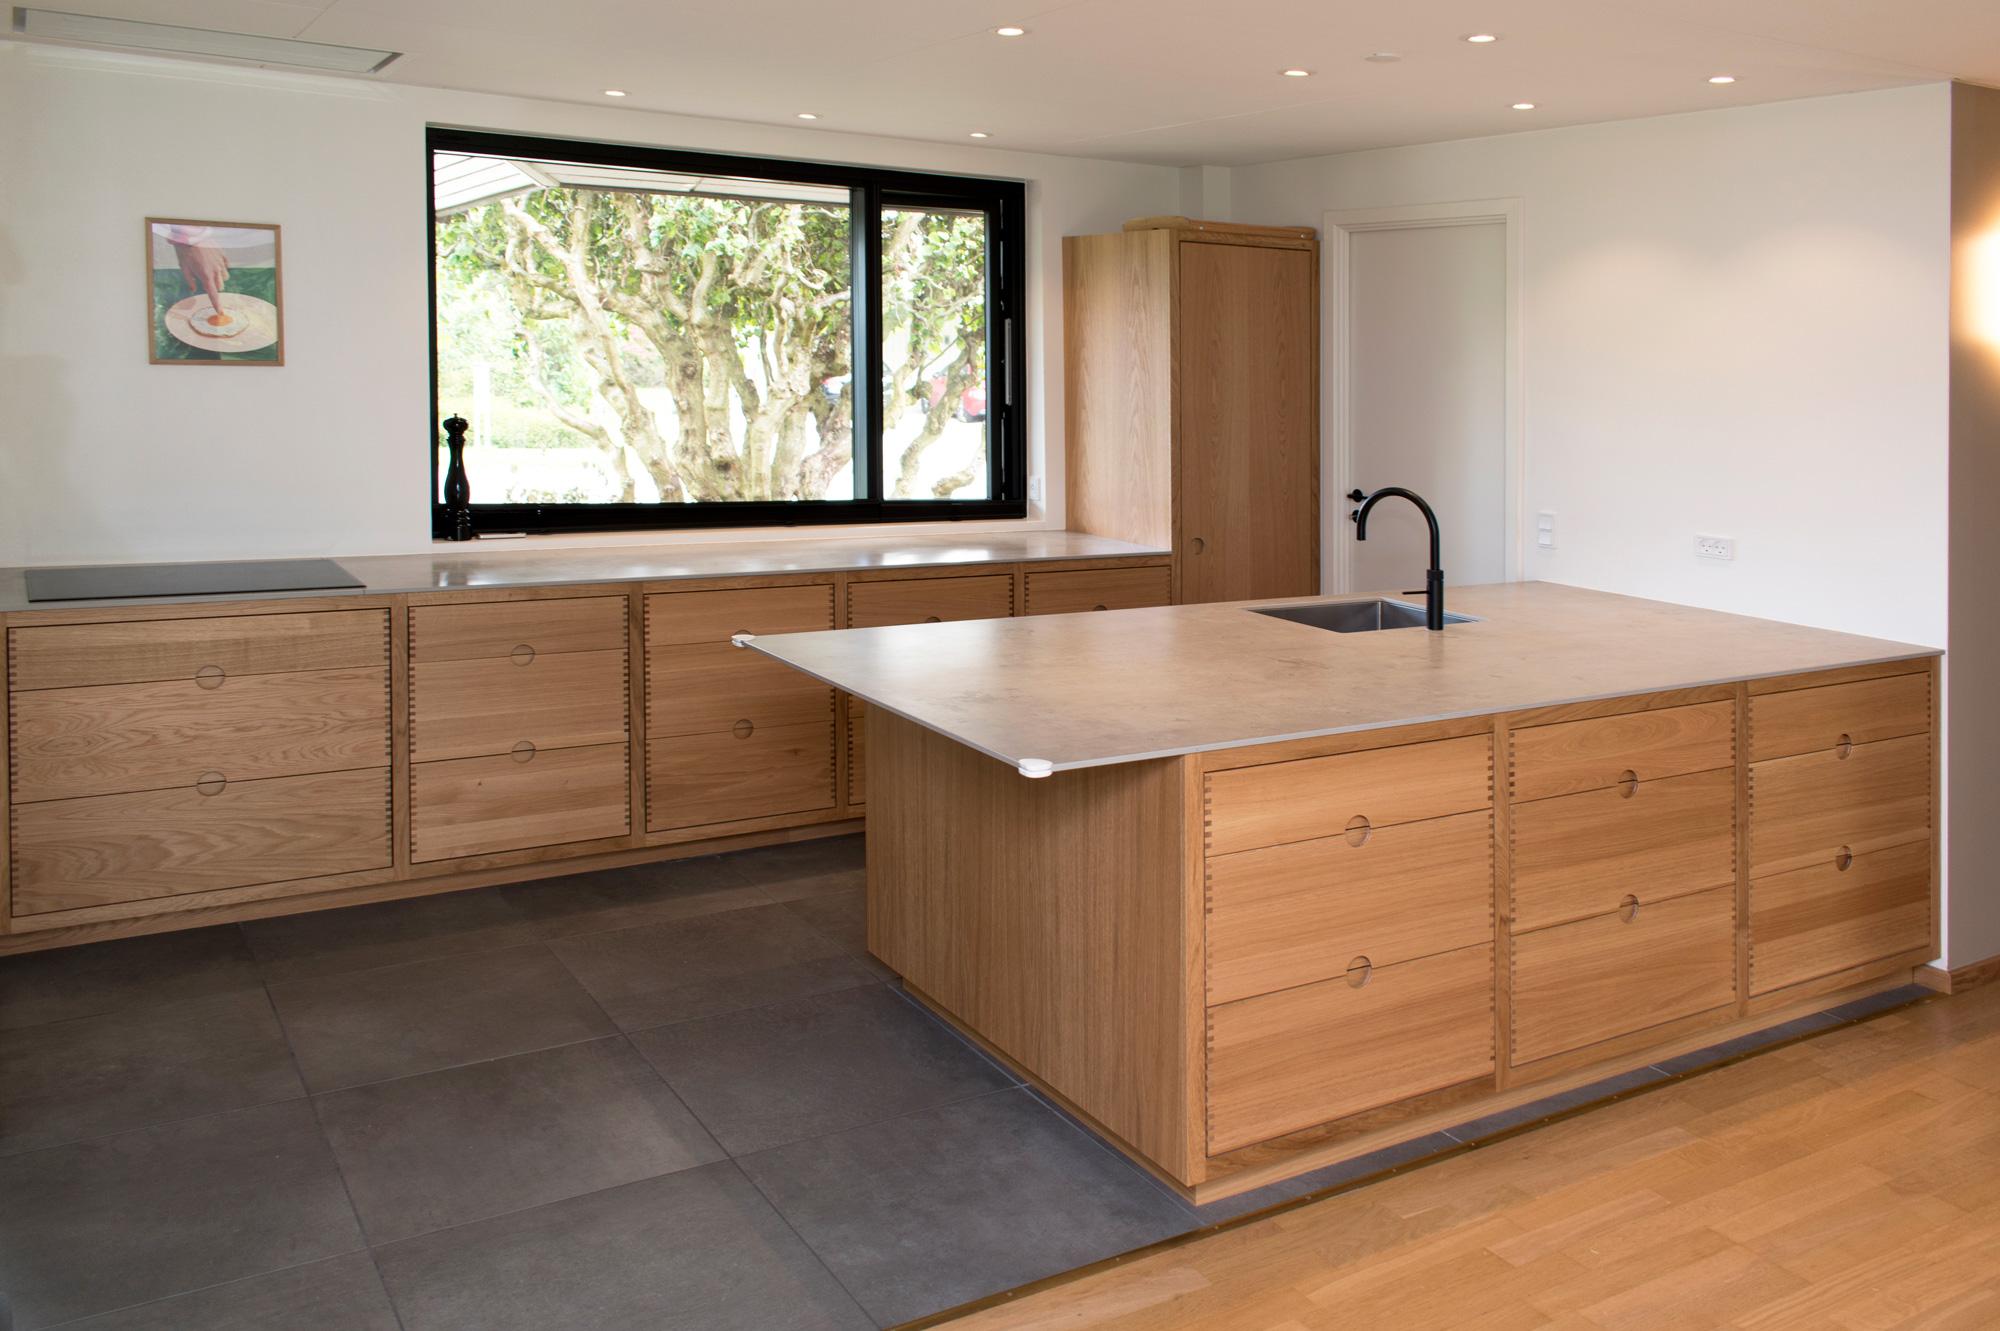 Rustikt rammekøkken med fine detaljer